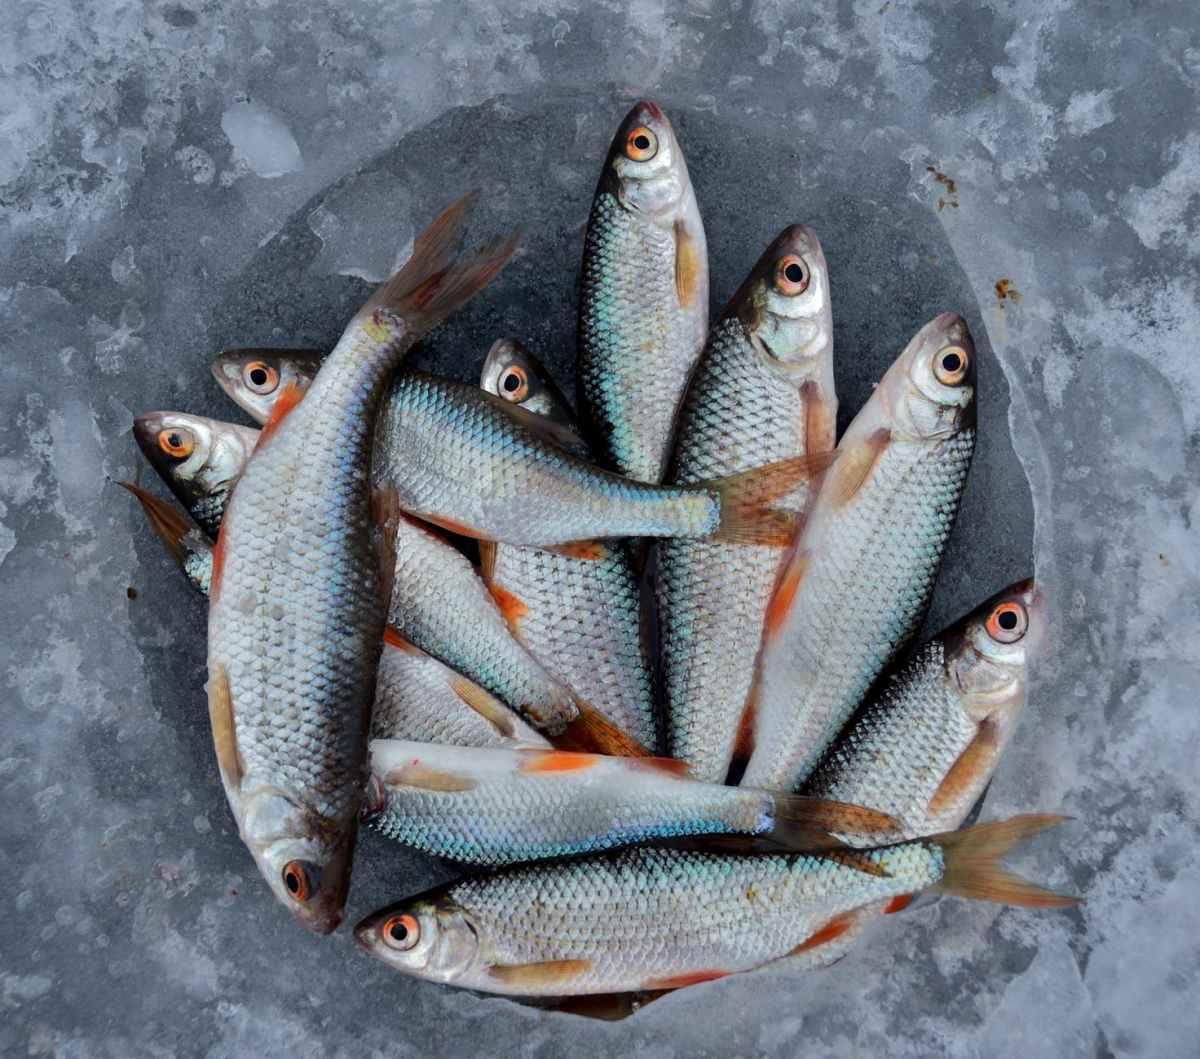 Fisheries - Aquaculture/ Aquatech